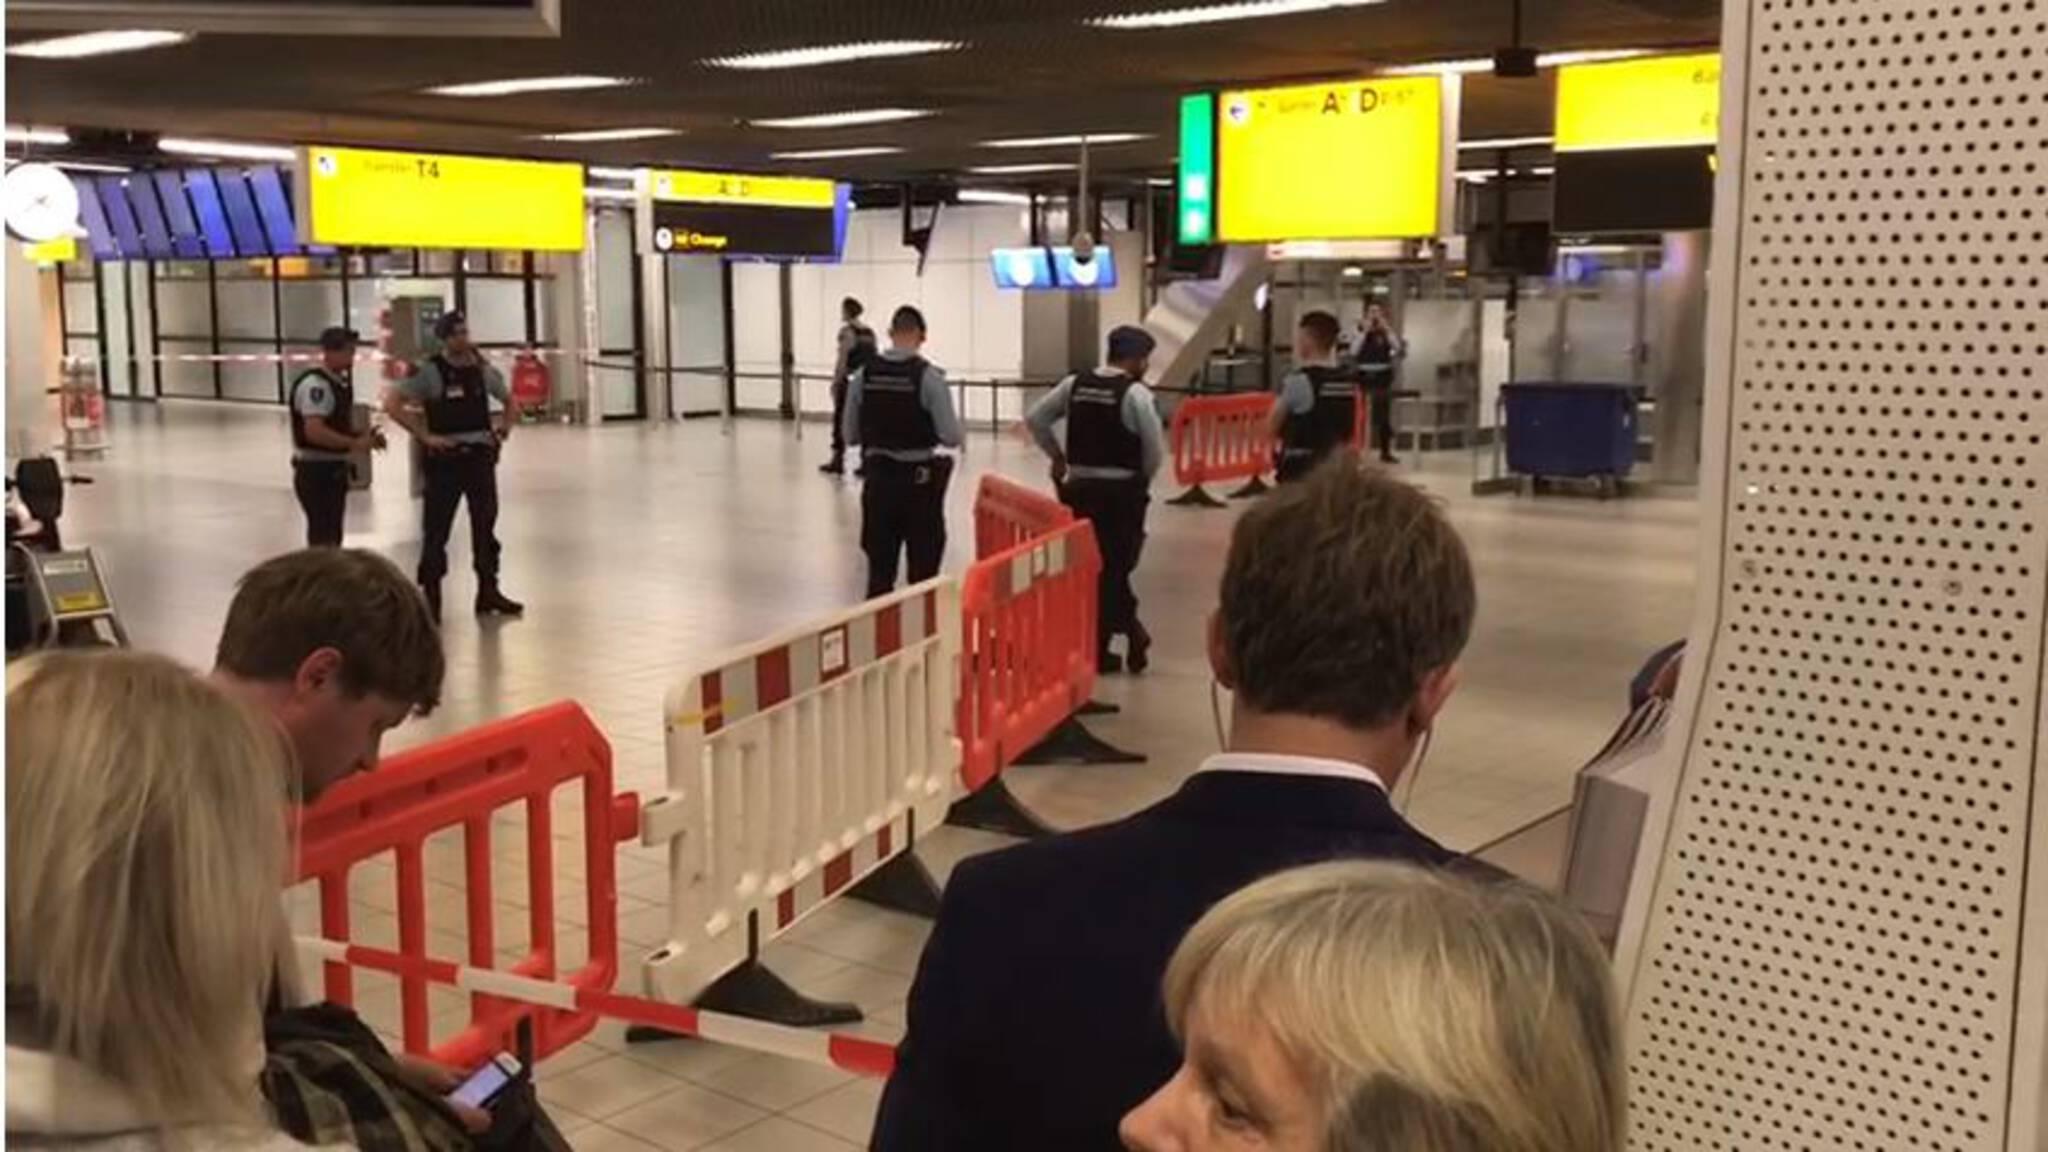 Verdachte situatie aan boord van vliegtuig Schiphol; hulpdiensten massaal uitgerukt 1